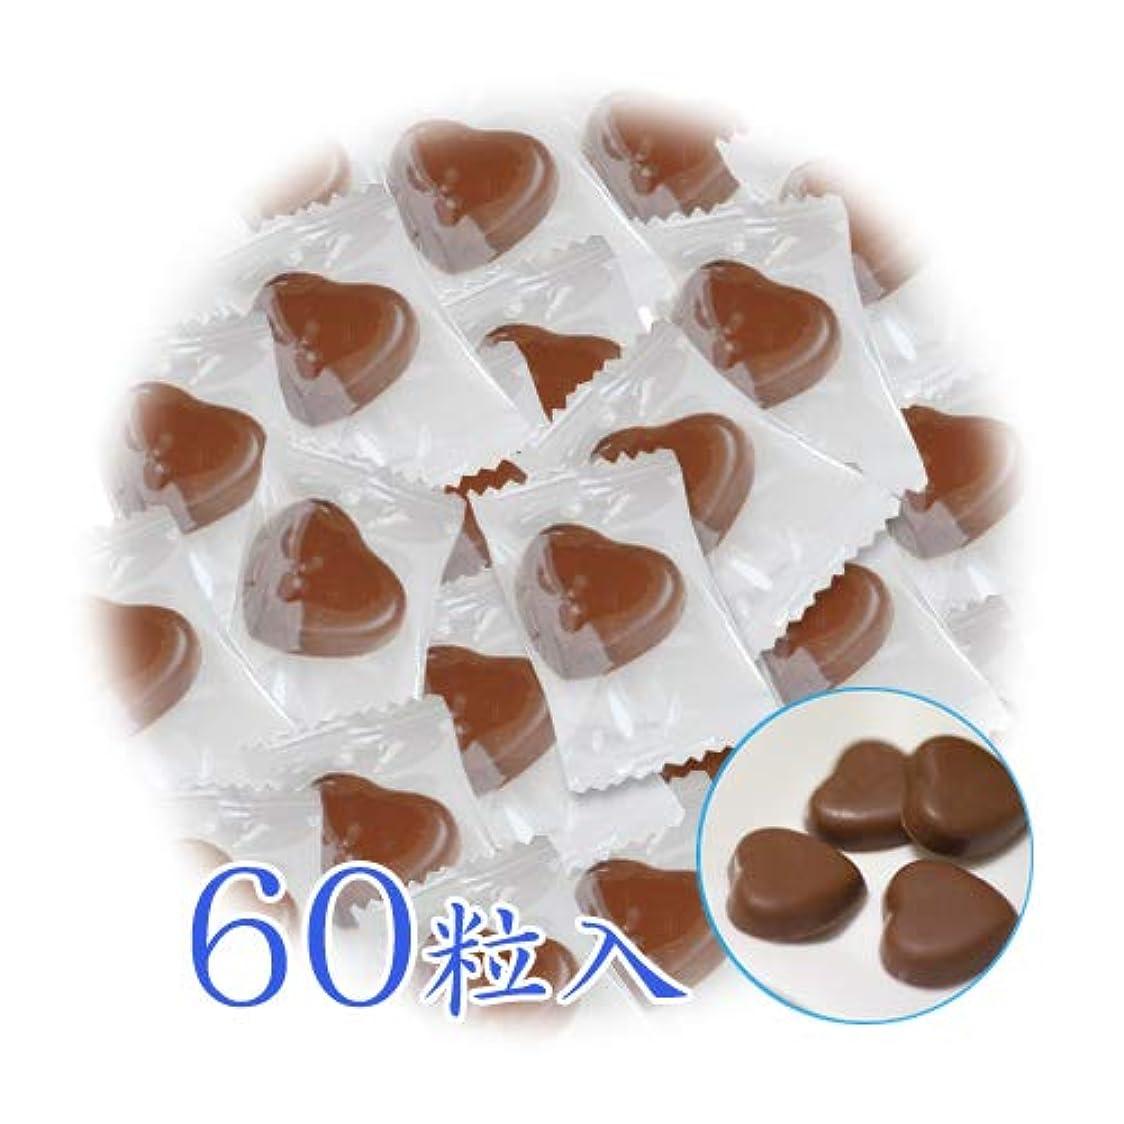 市の中心部モトリーきちんとしたキシリトール 100% キシリの力 チョコレート 箱なし 個包装 3g×60粒